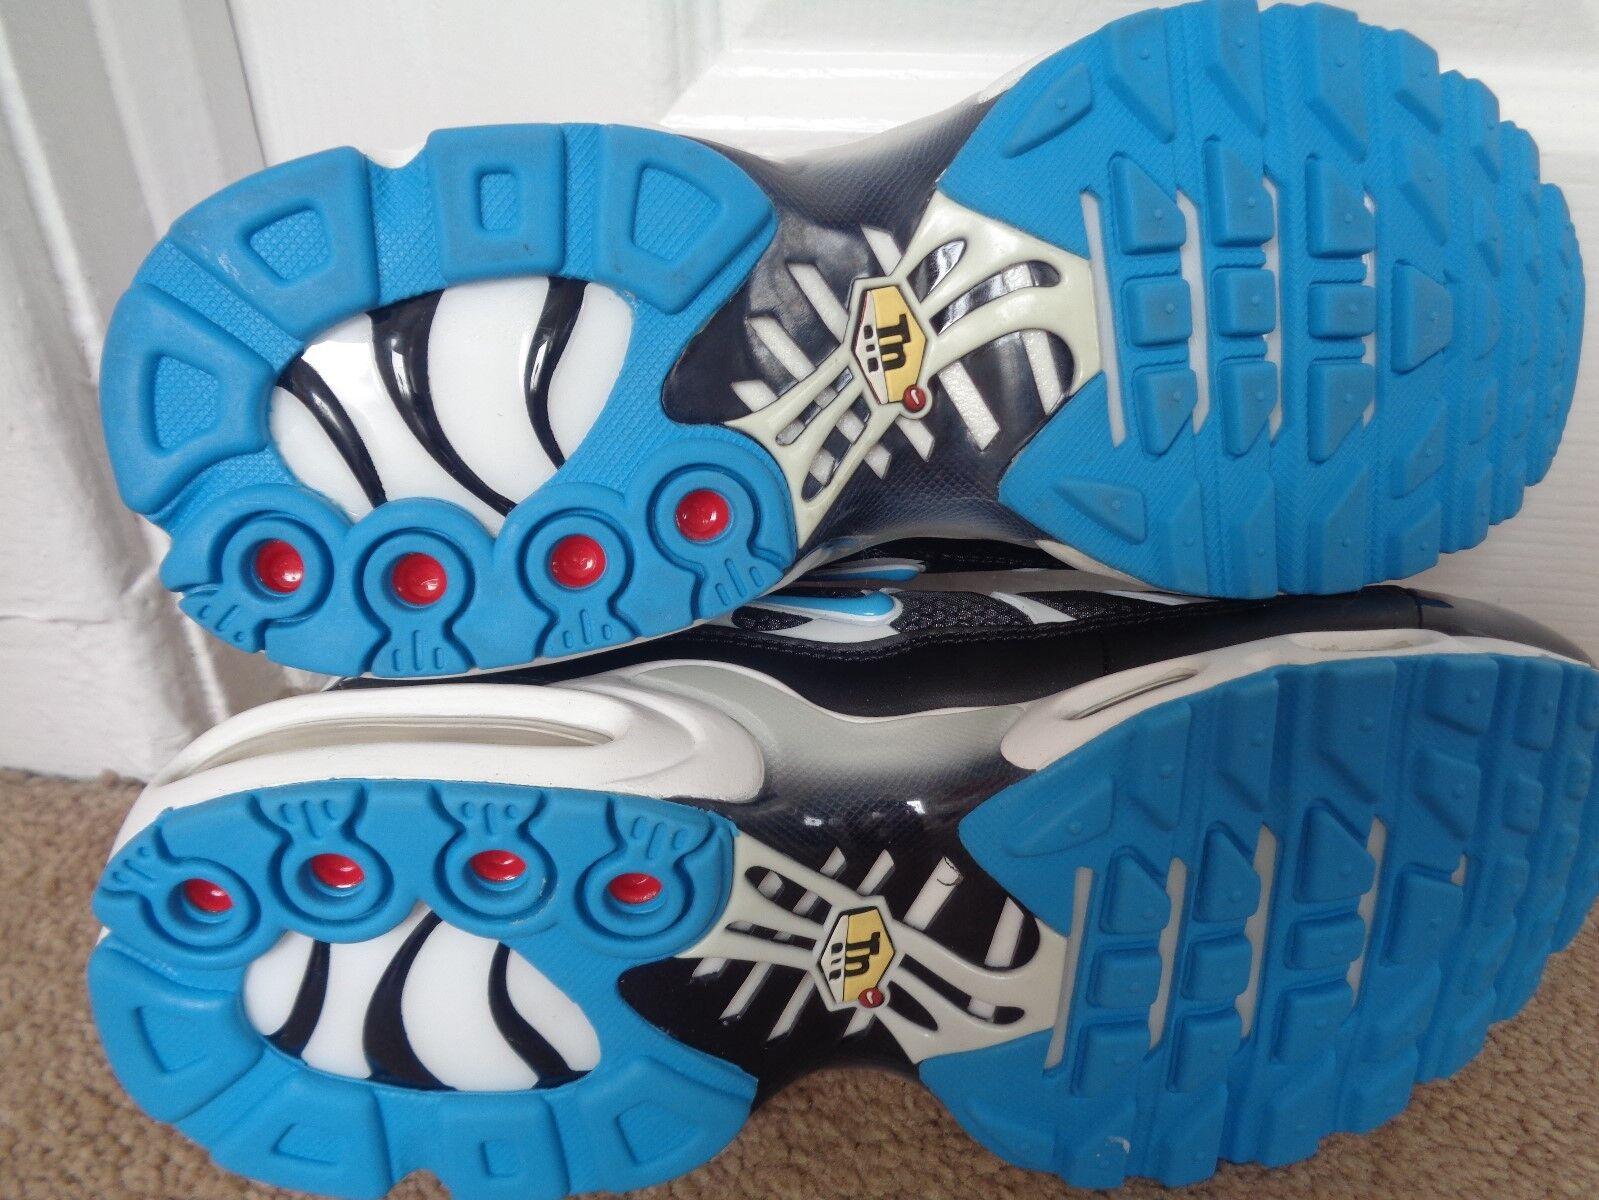 des baskets nike air max plus plus max txt formateurs chaussures 604133 944 ue 40 us 7 nouvelle   box 790a43